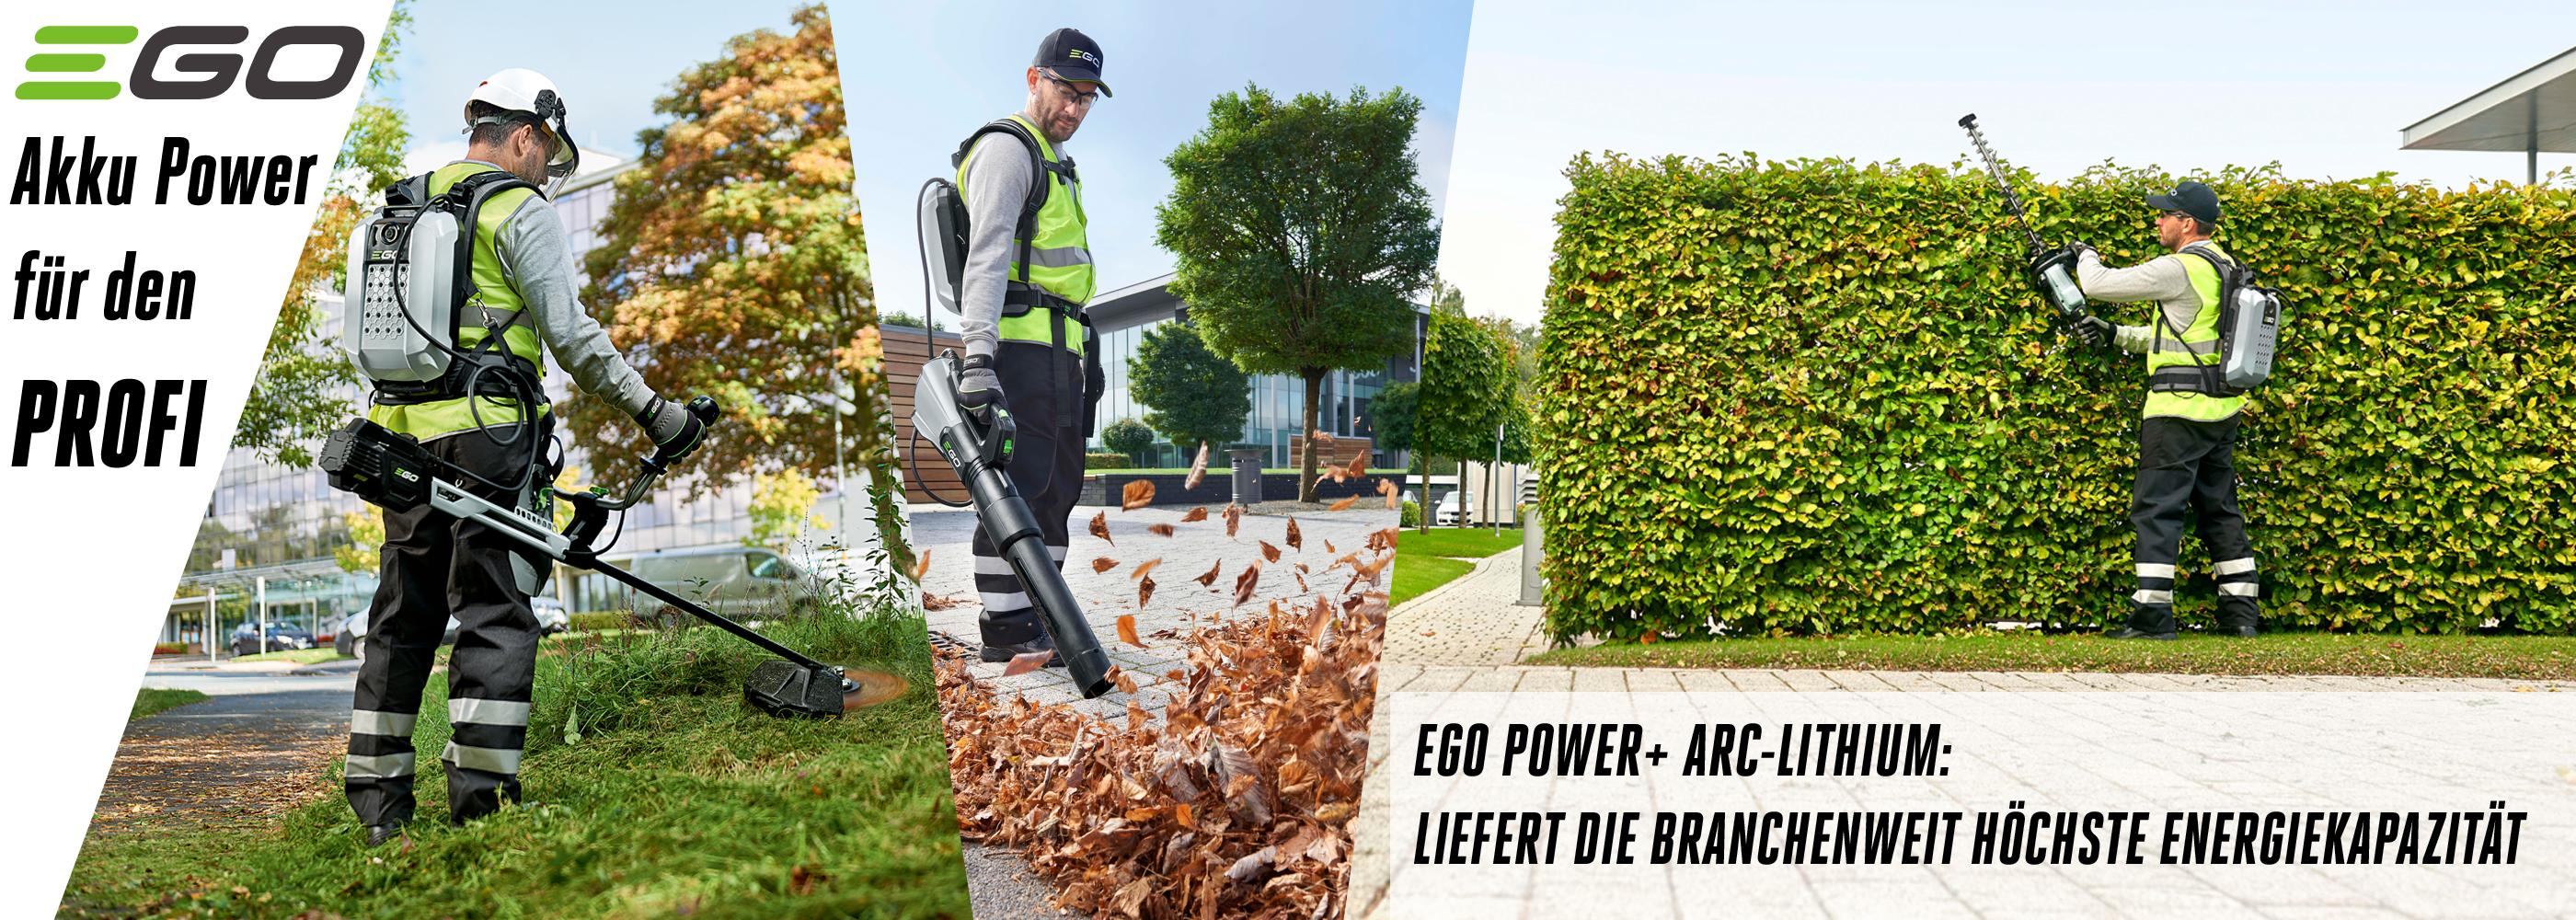 EGO Power Akku Geräte für den Profi Landschaftspfleger, die Kommune und den Hausmeister. Hintergrundfoto